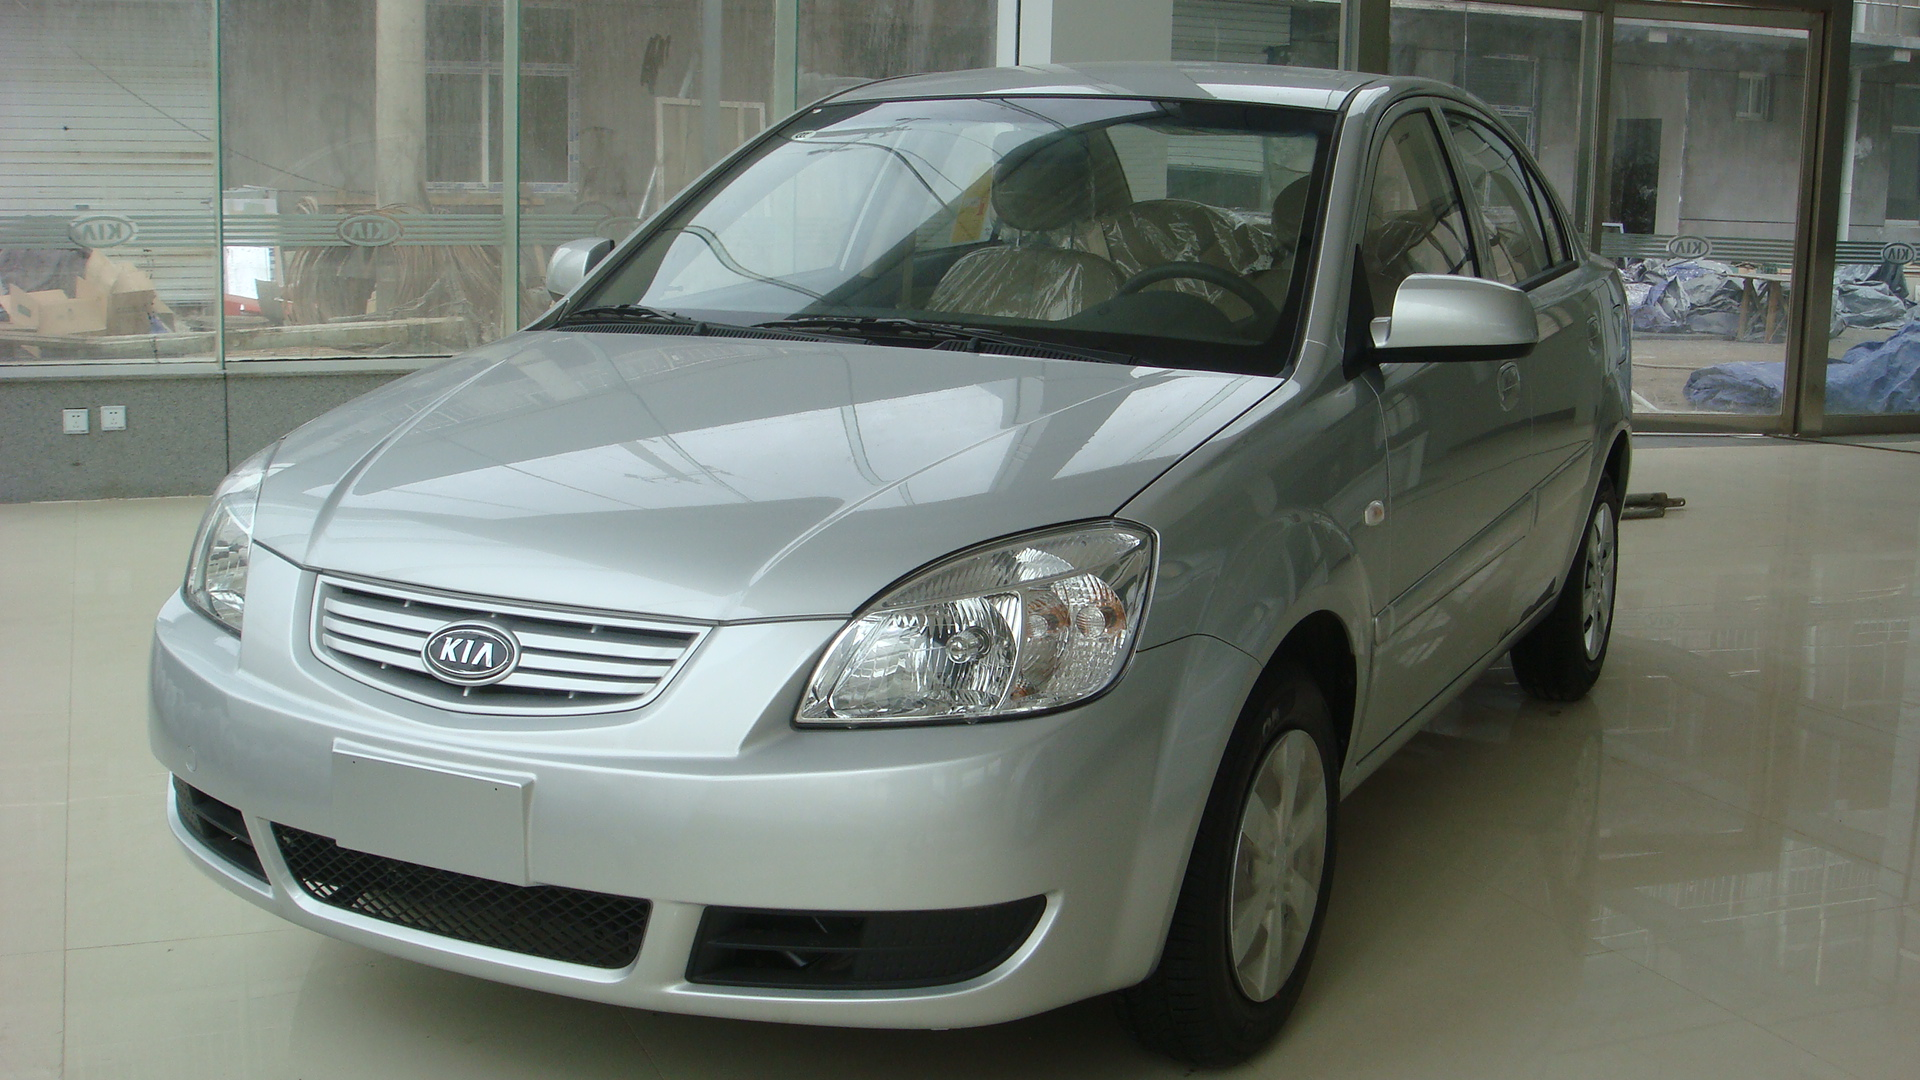 公认死亡率最高的7款车,其中两款在中国还卖的很火!